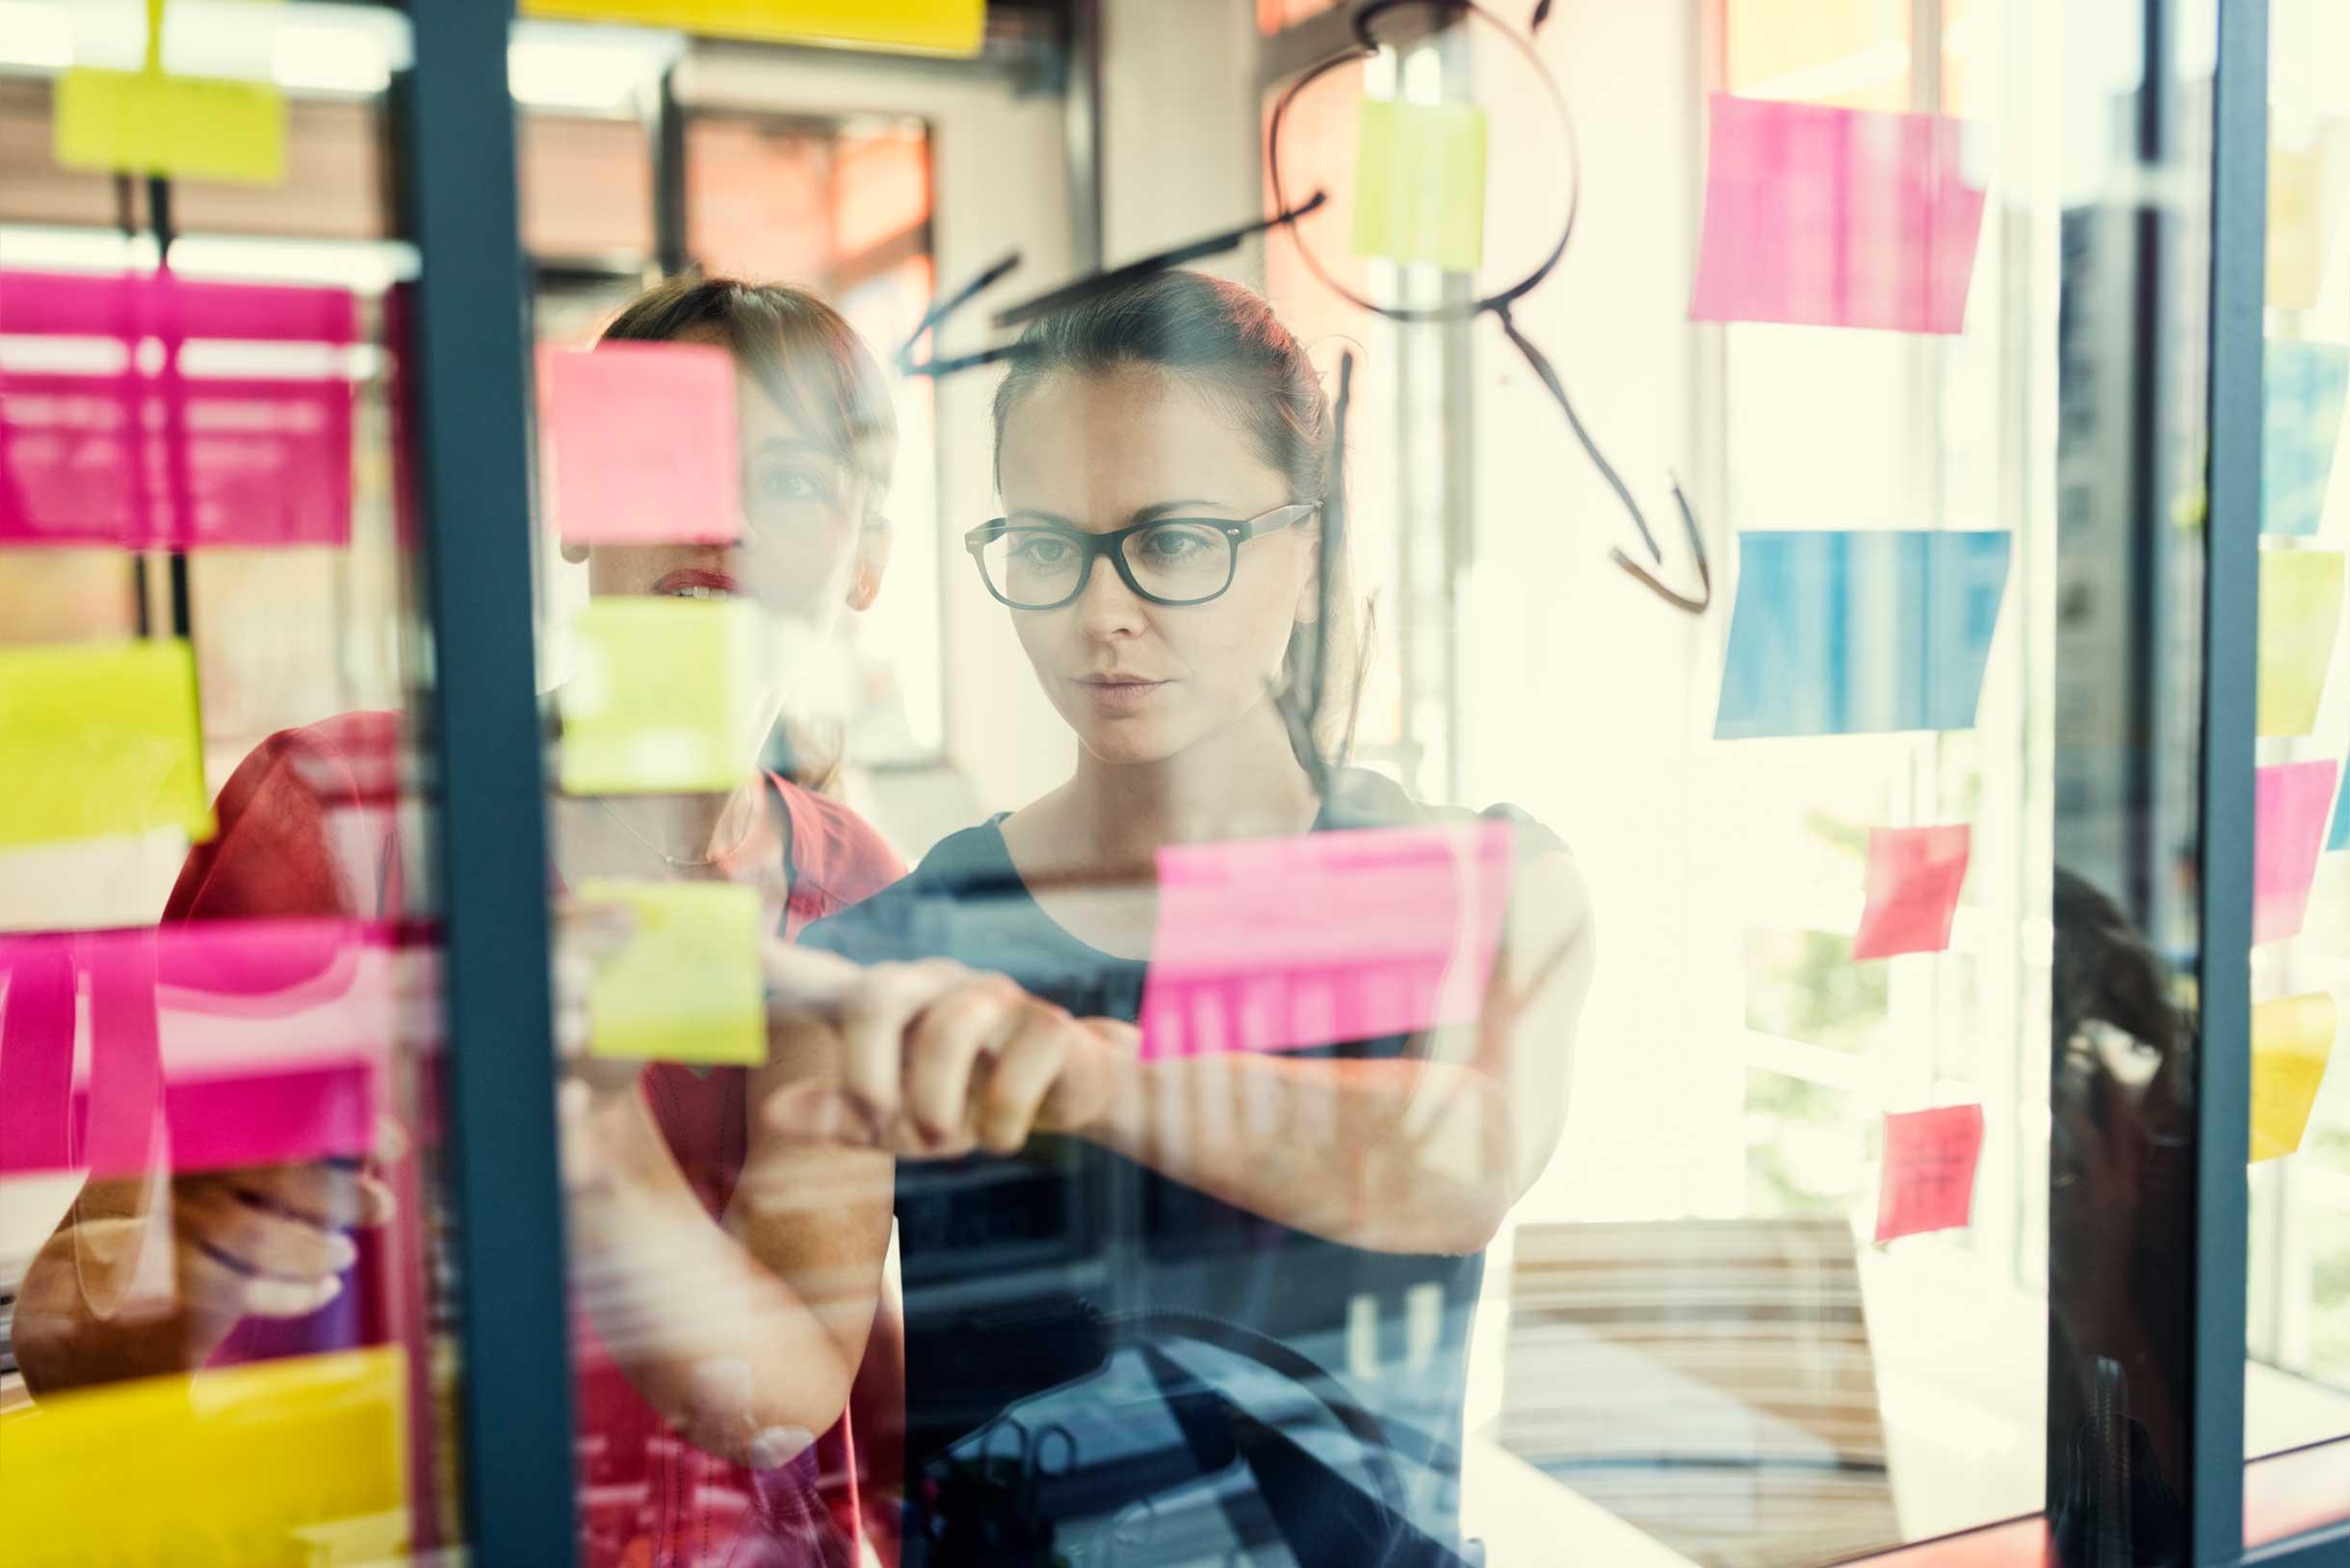 Markenworkshop bei RADAR: Teinehmerin klebt Post it´s mit Begriffen zur Positionierung des Unternehmens